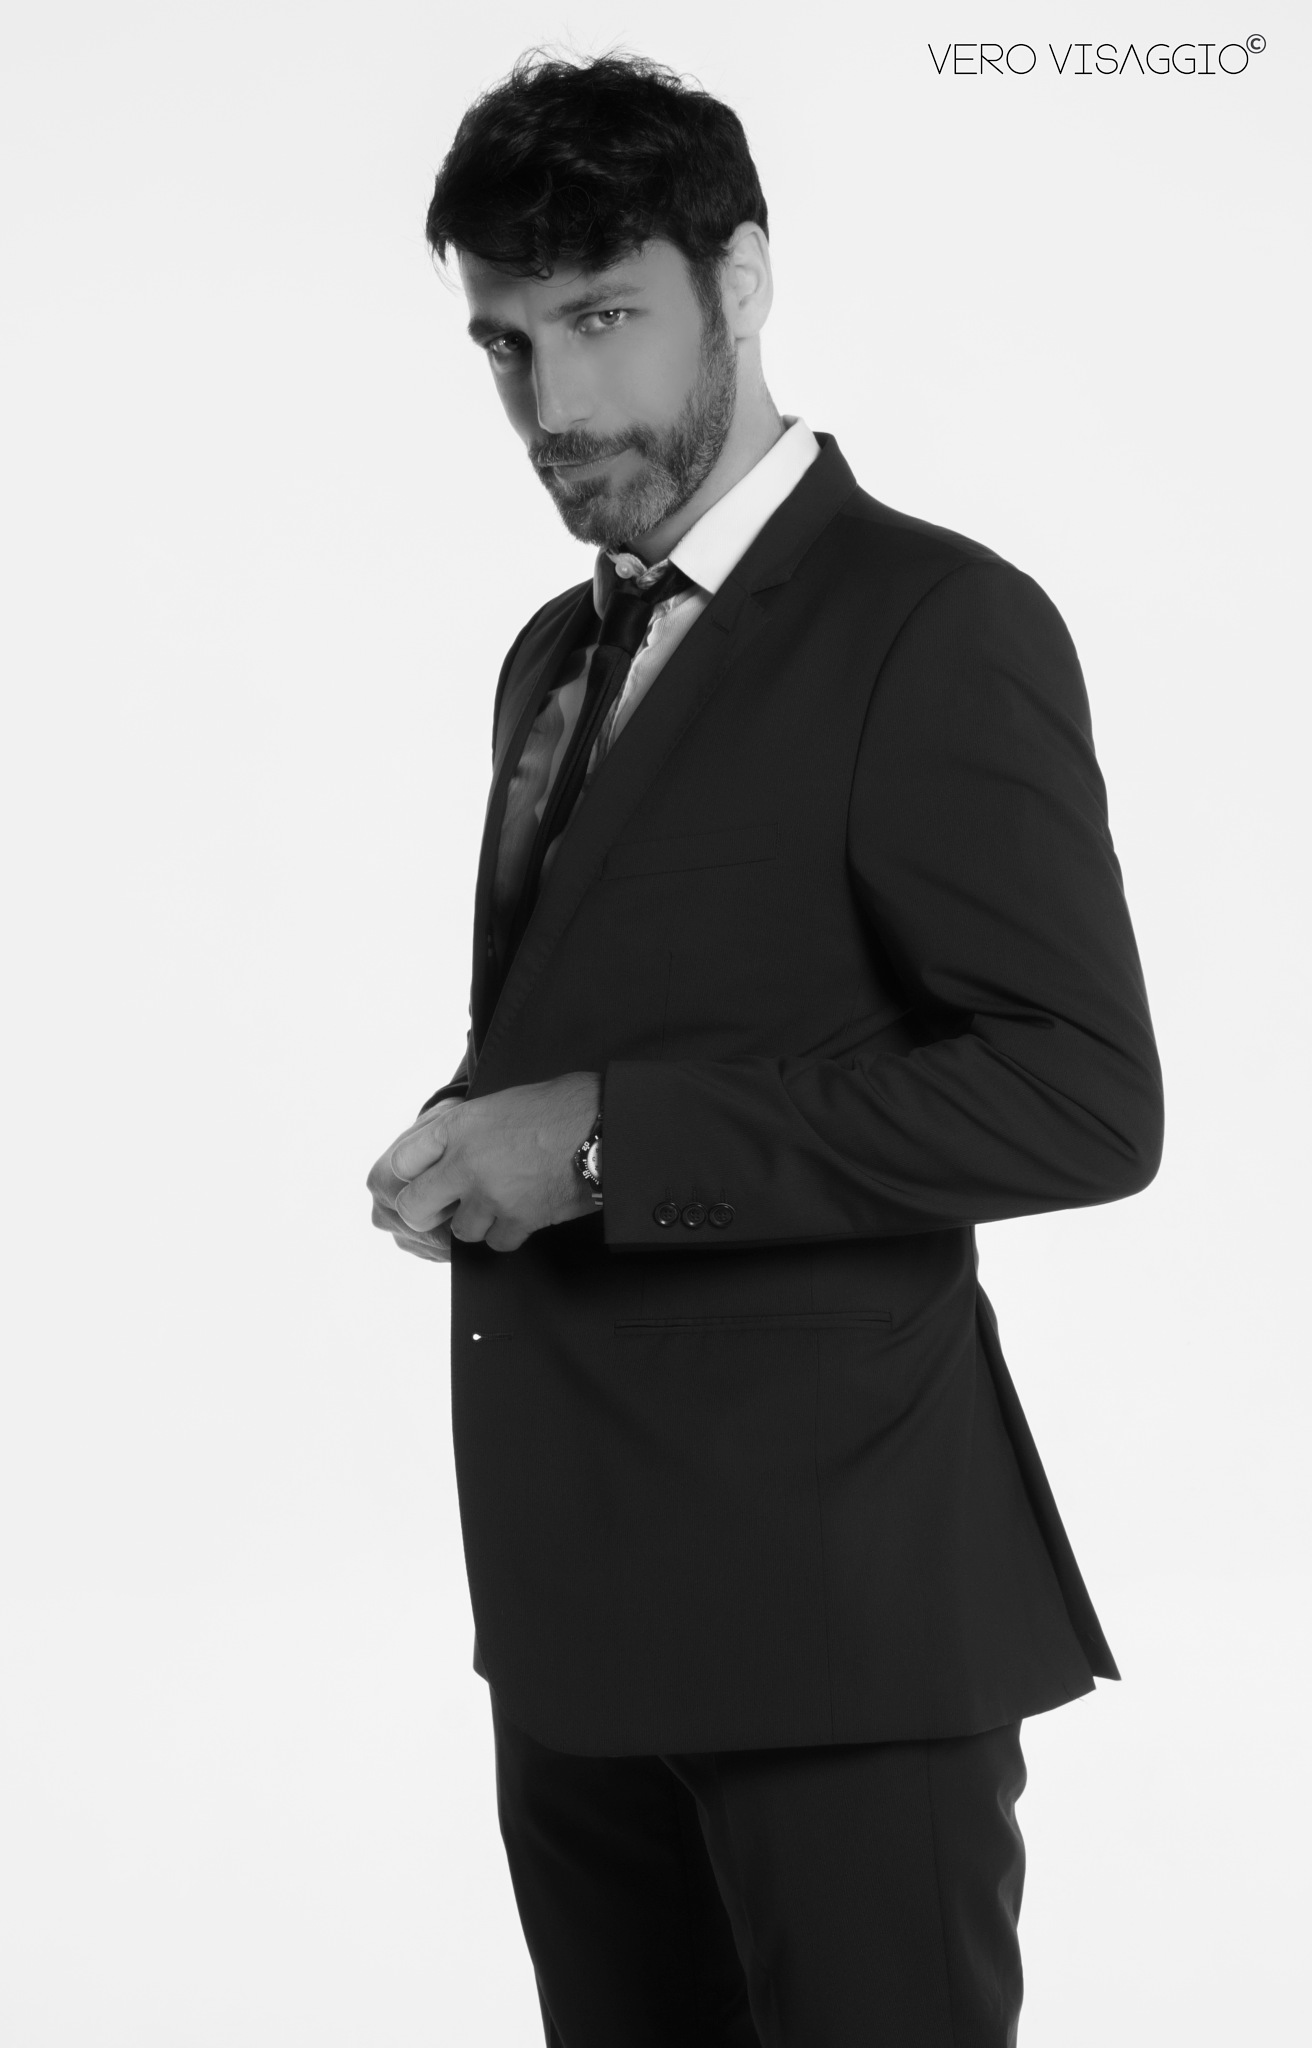 Suit by verovisaggio